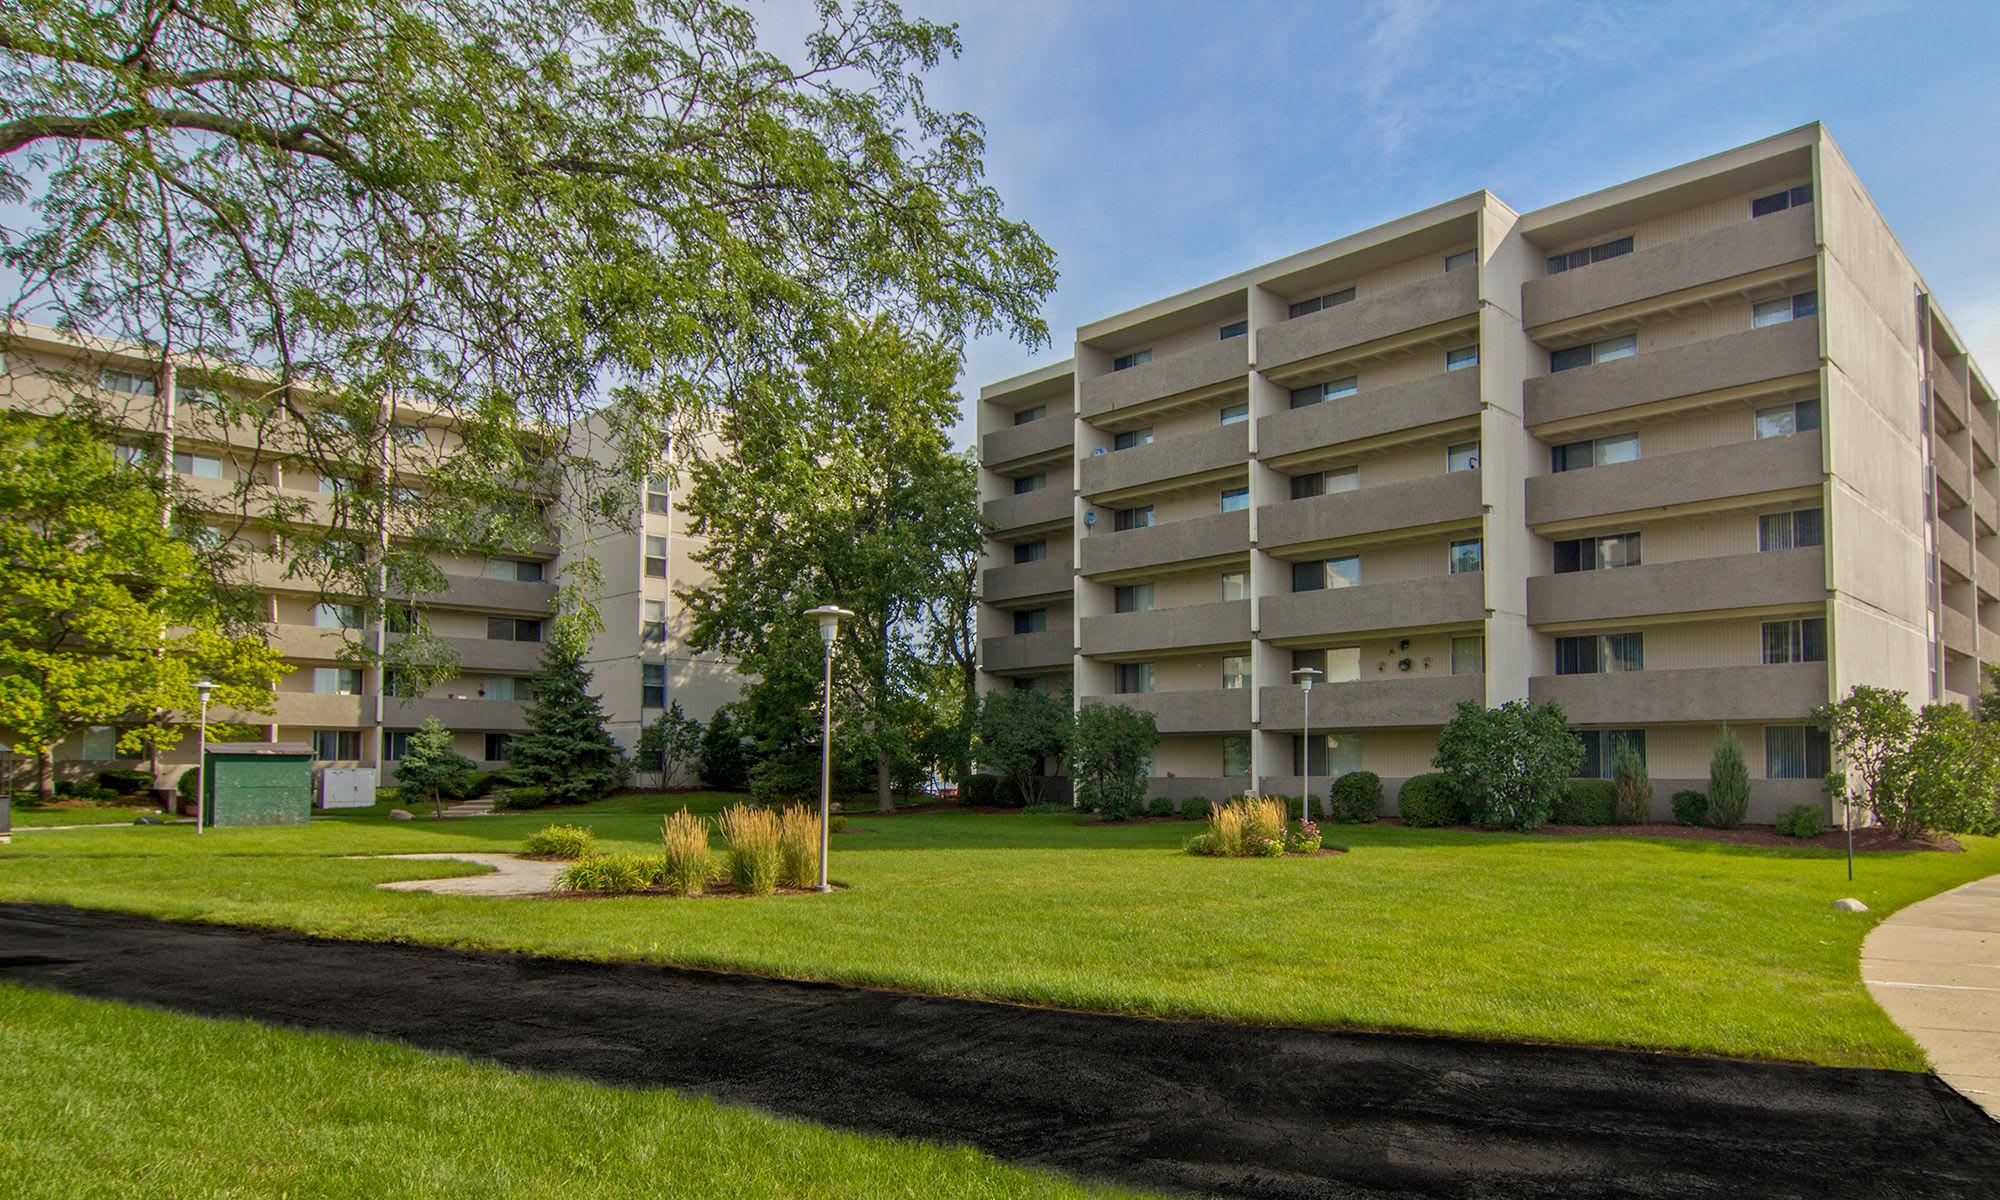 Apartments in Richton Park, Illinois